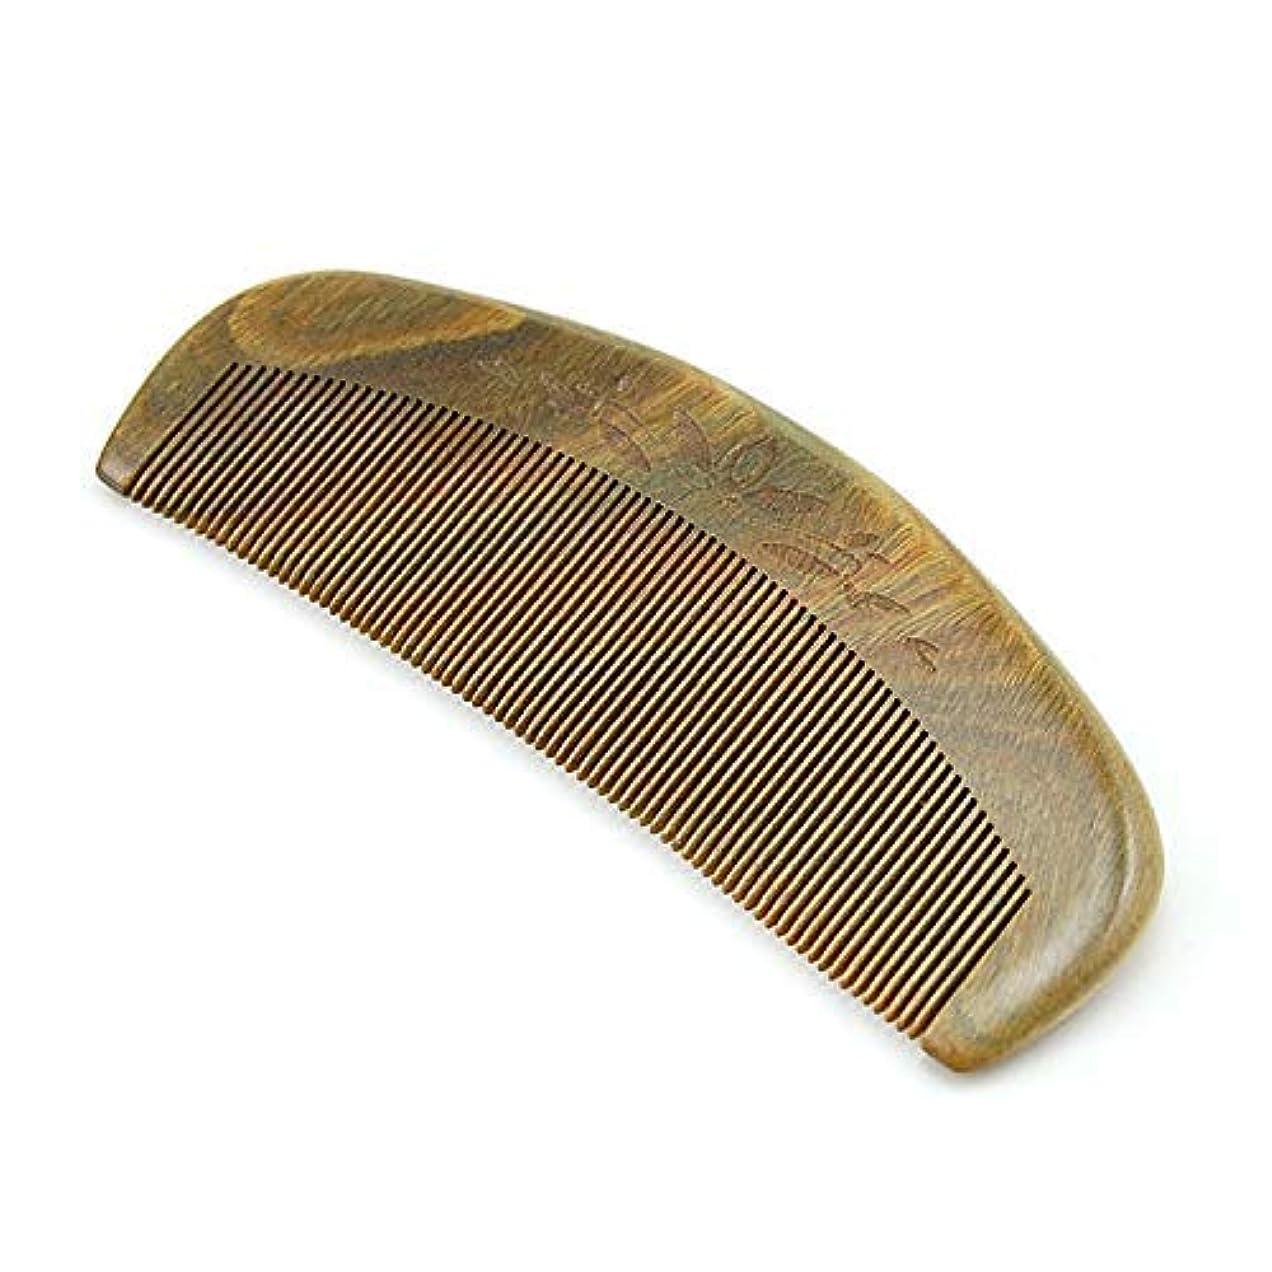 ポール蓄積するヒステリックBrand New and Natural Green Sandalwood Fine Tooth Comb, Anti Static Pocket Wooden Comb [並行輸入品]